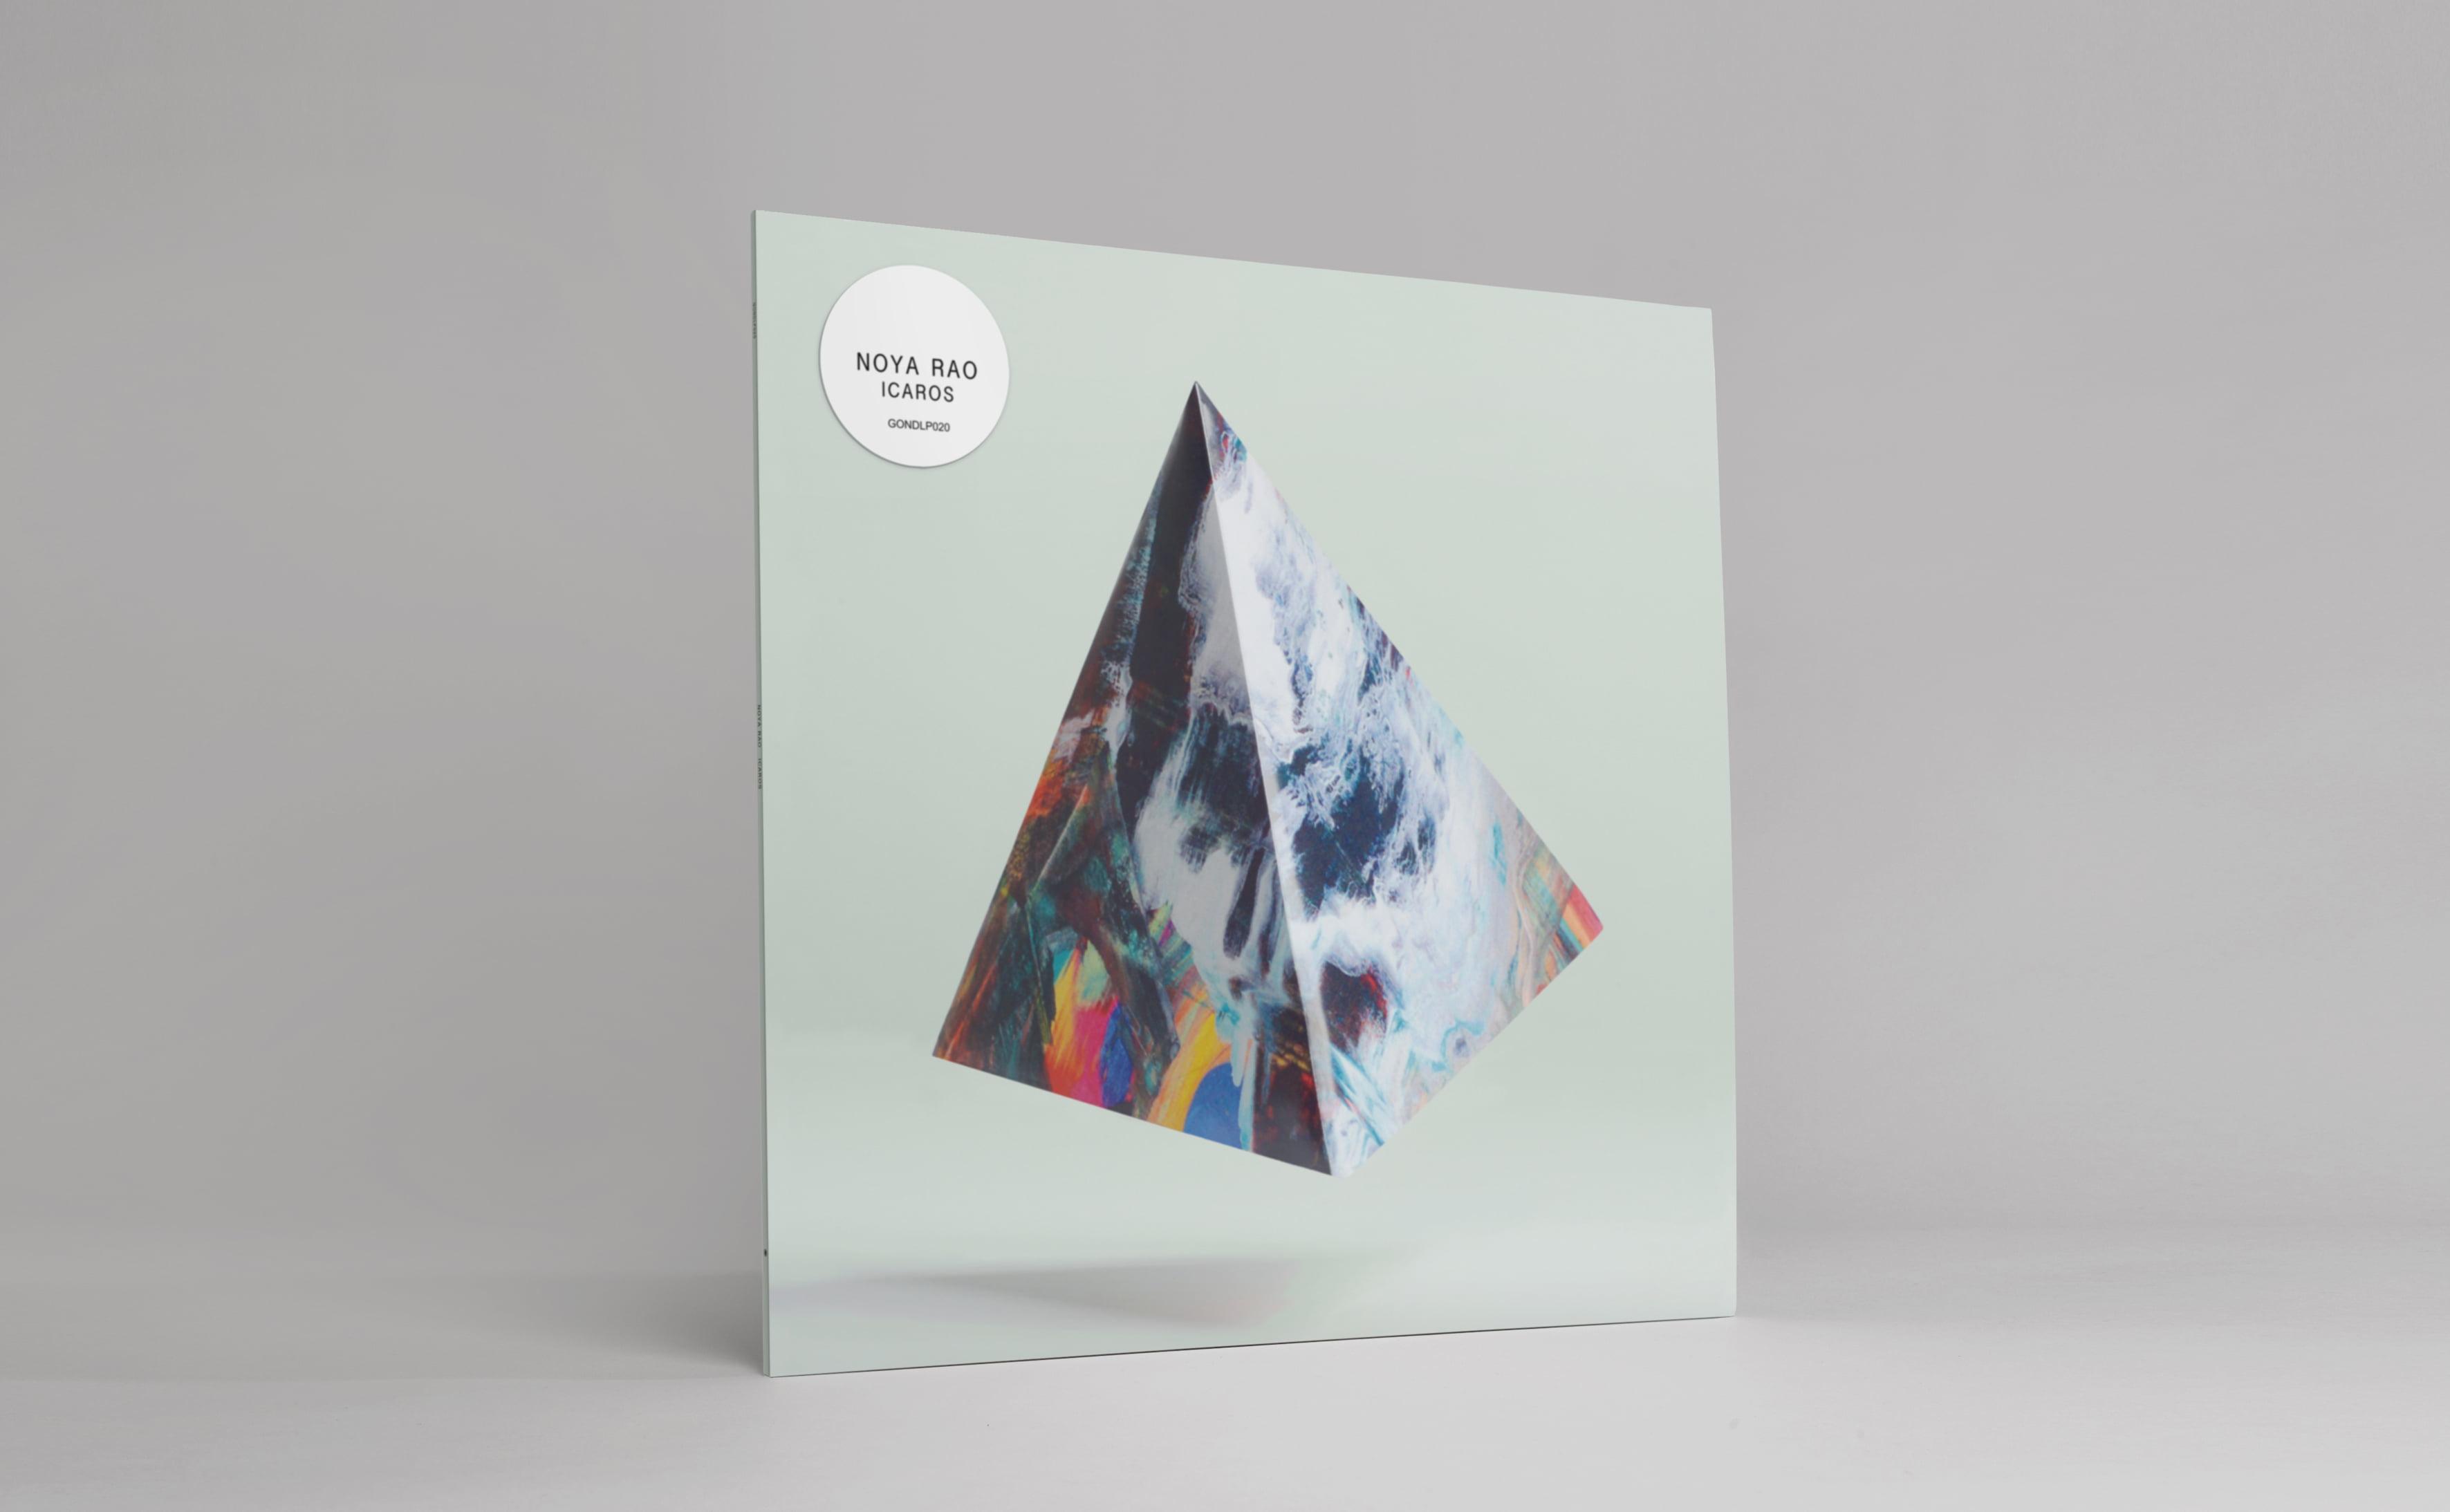 Noya Rao - Icaros - Vinyl Picture